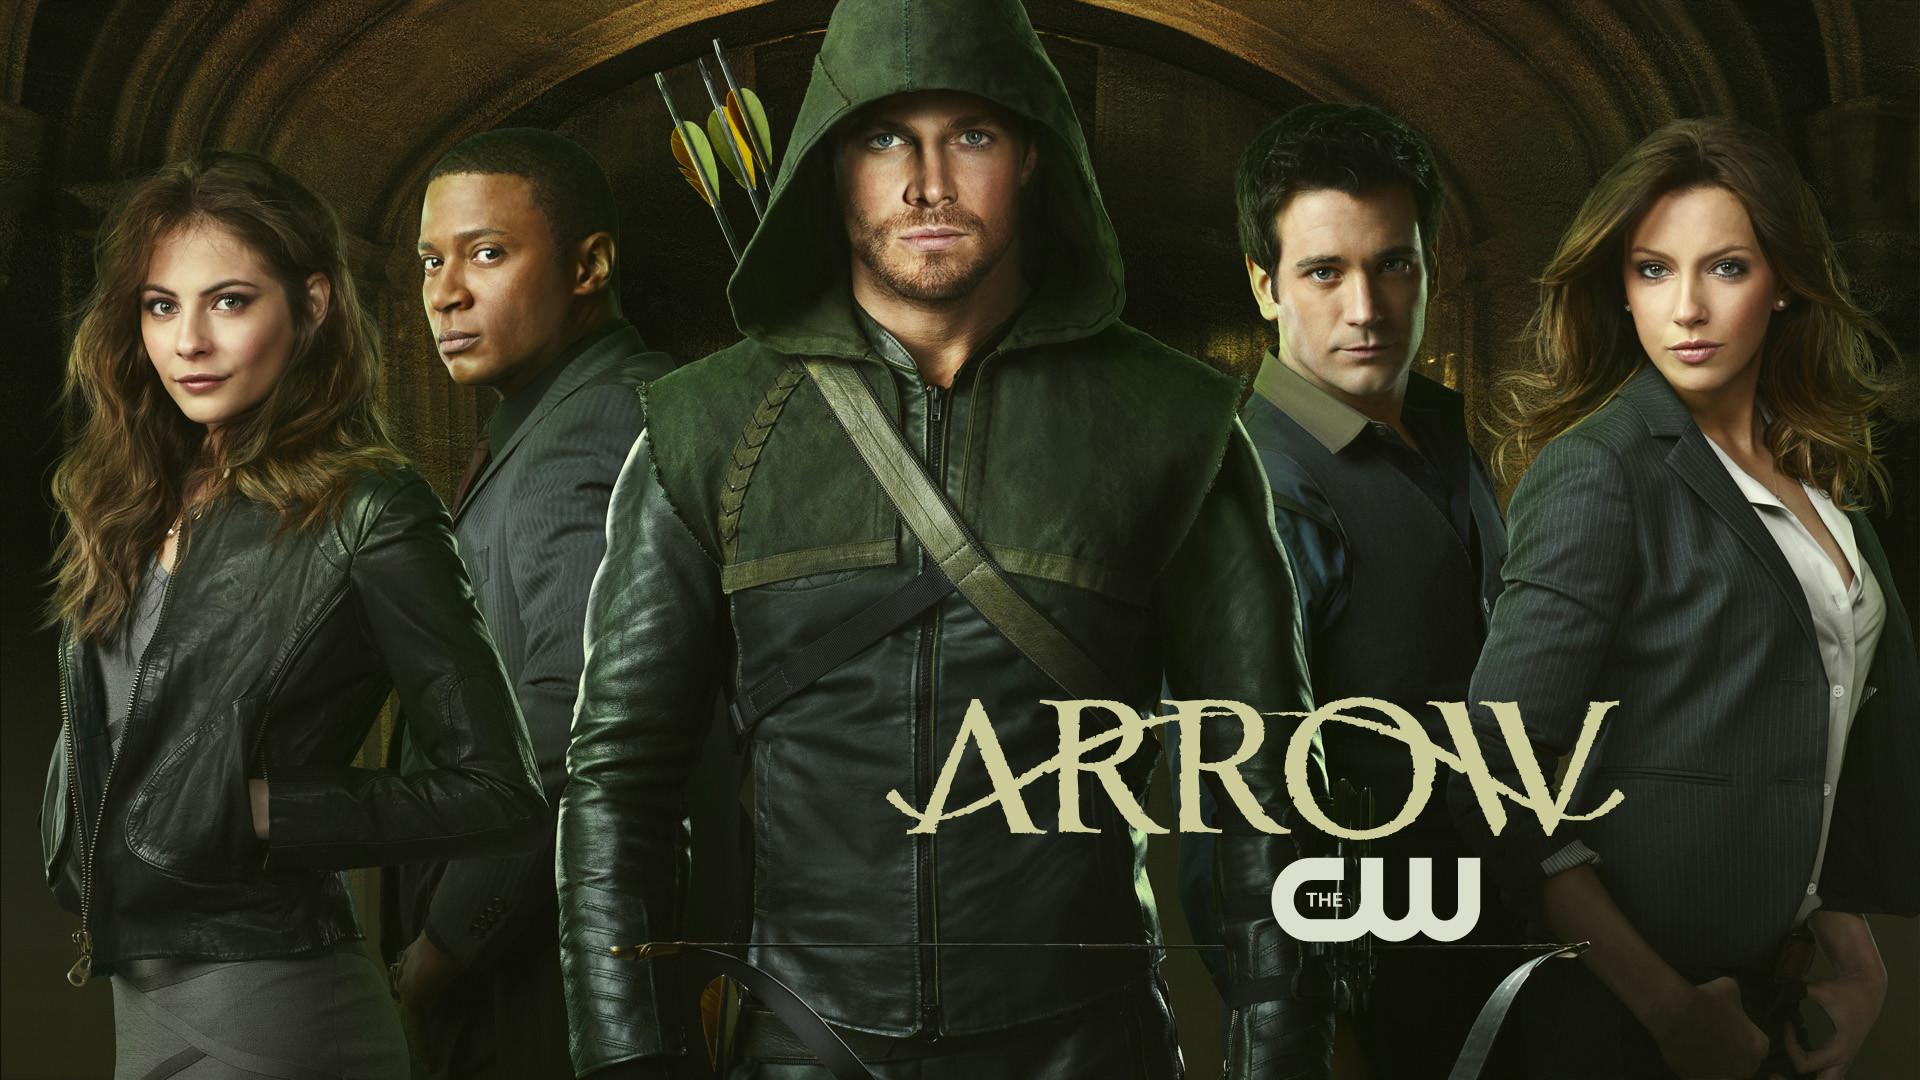 Arrow CW TV Show